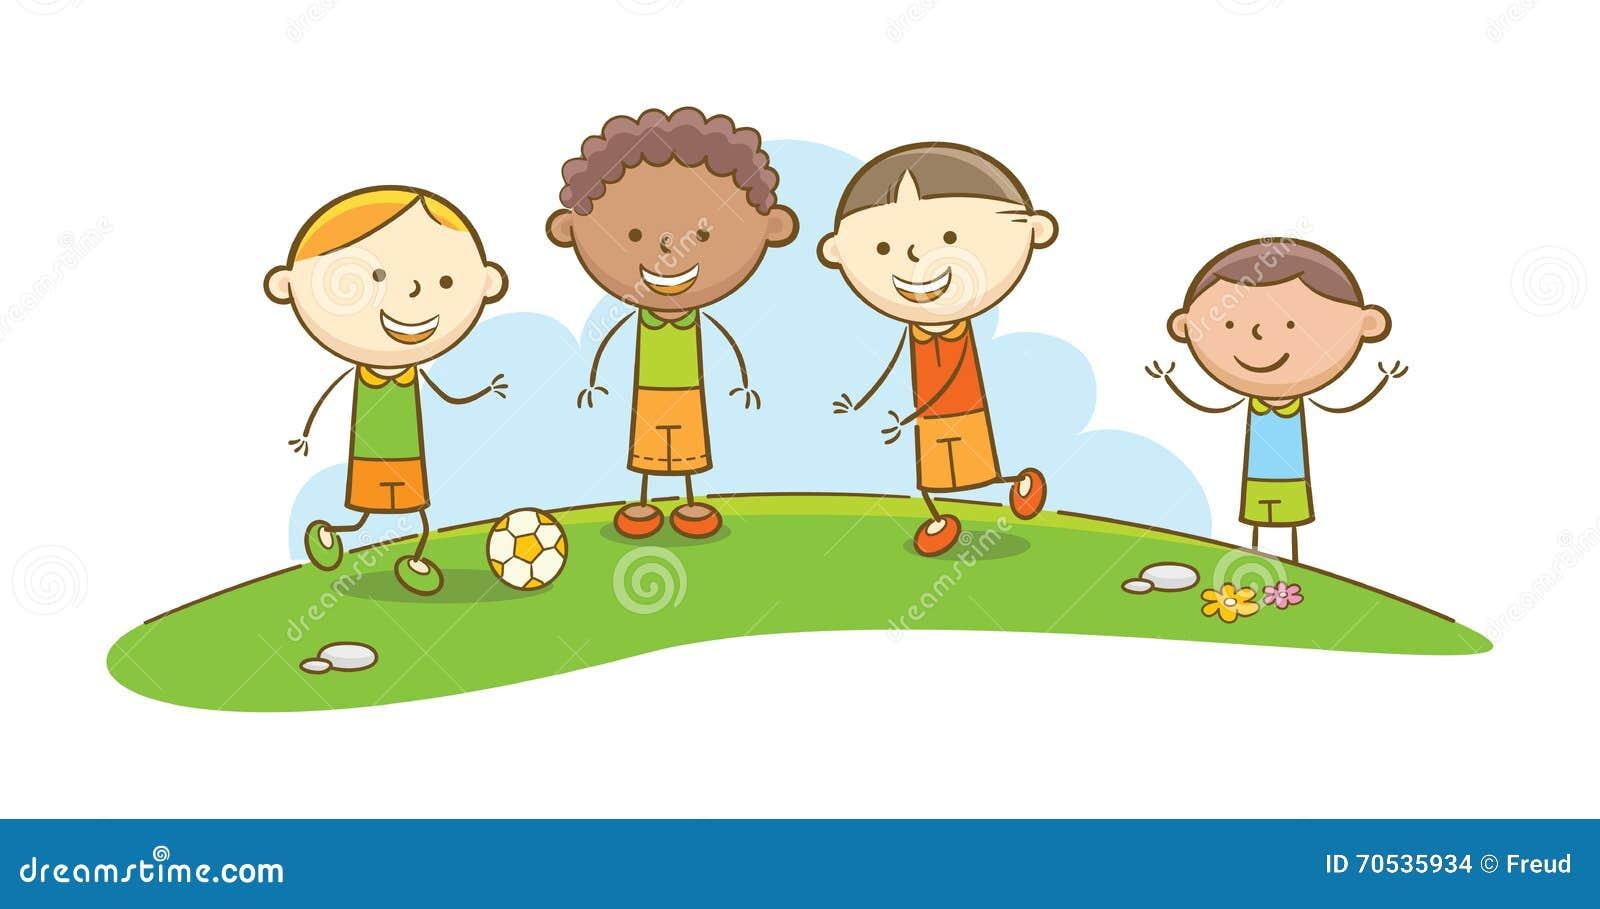 Kinder Die Fussball Spielen Vektor Abbildung Illustration